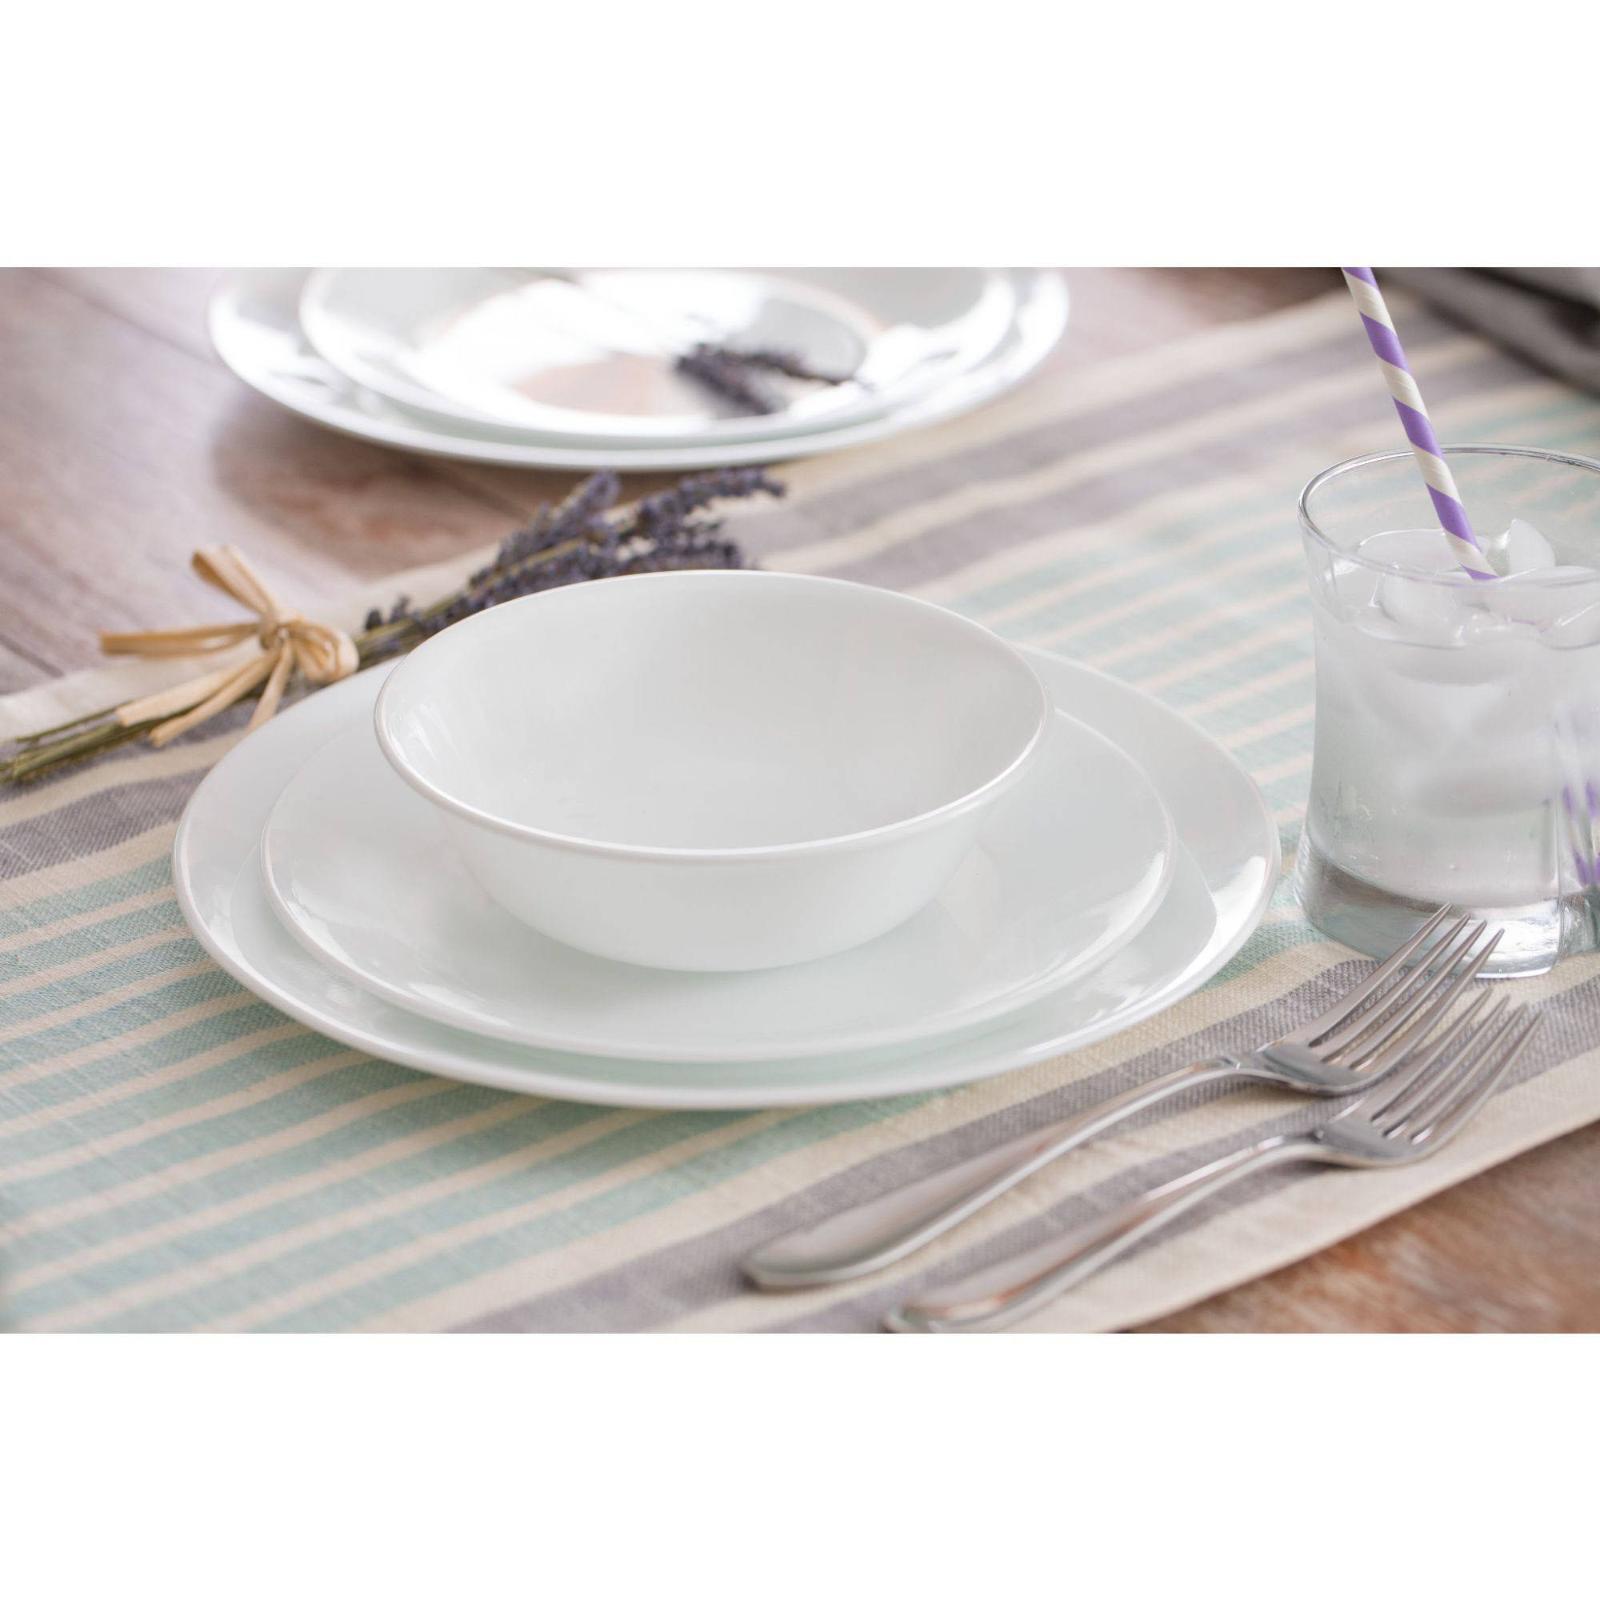 Corelle Classic Winter Frost White 16-Piece Dinnerware Color